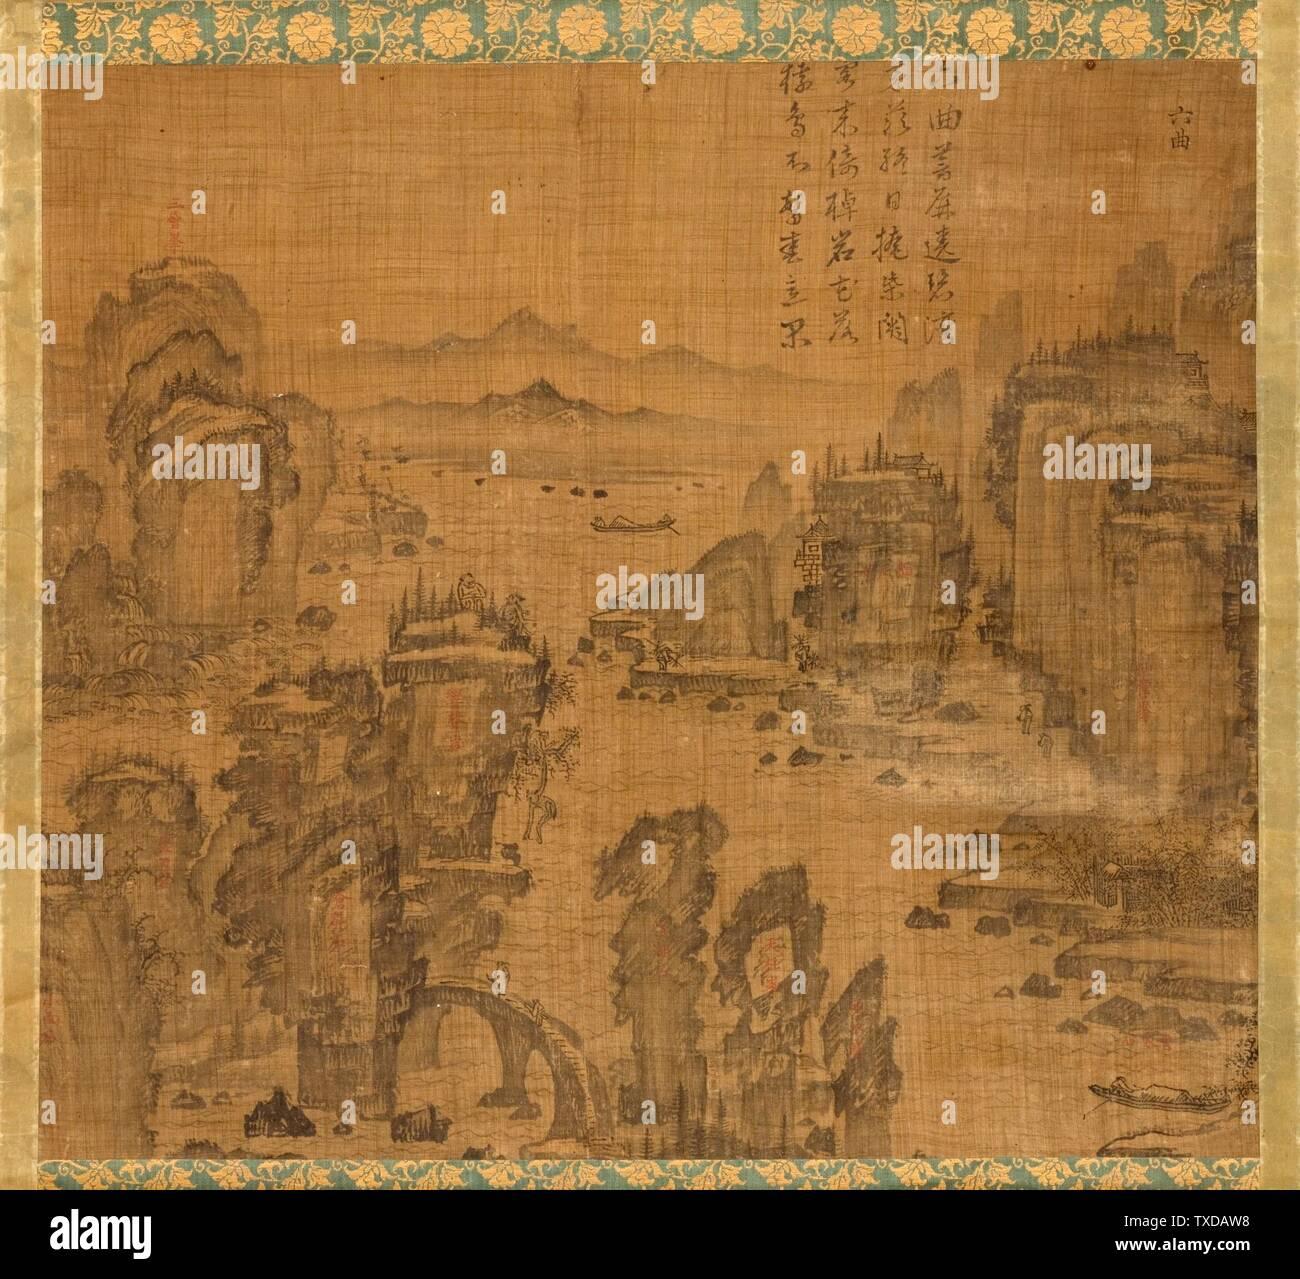 Sixième des Neuf plis au Mont Wuyi, Chine (image 1 de 5); Corée, Corée, dynastie Joseon (1392-1910), Tableaux du XVIIe siècle défilement suspendu, encre sur ramie ou chanvre image : 20 3/4 x 23 1/8 in. (52,71 x 58,74 cm) ; montage : 48 3/4 x 25 po. (123,83 x 63,5 cm) ; rouleau : 27 1/4 po. (69,22 cm) Acheté avec Museum Funds (M. 2000.15.20) Korean Art; date du XVIIe siècle QS:P571,+1650-00-00T00:00:00Z/7; Banque D'Images